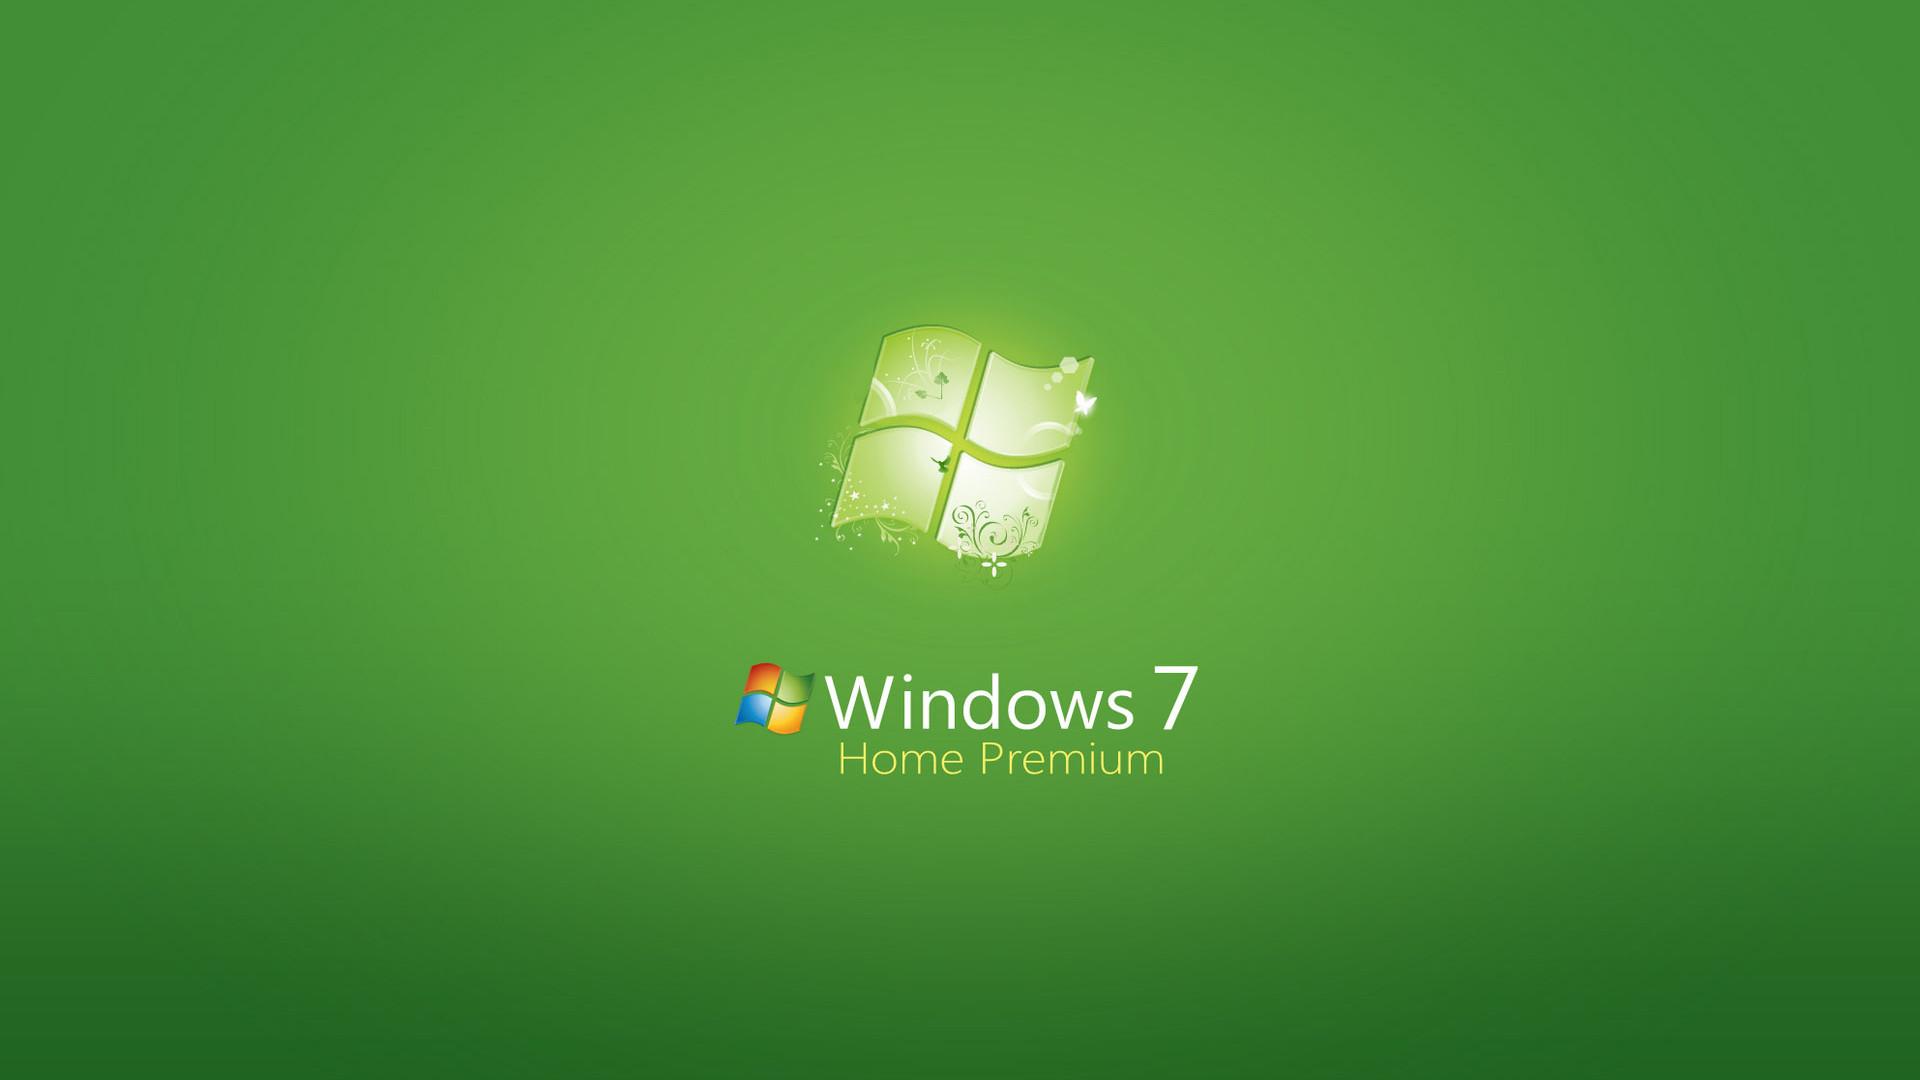 Windows 7 home premium buy now